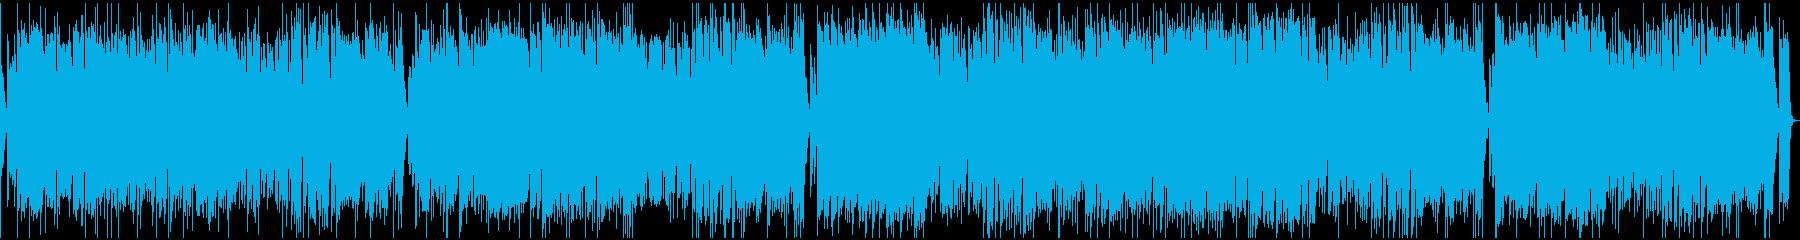 Donkey Walk_(A15)の再生済みの波形